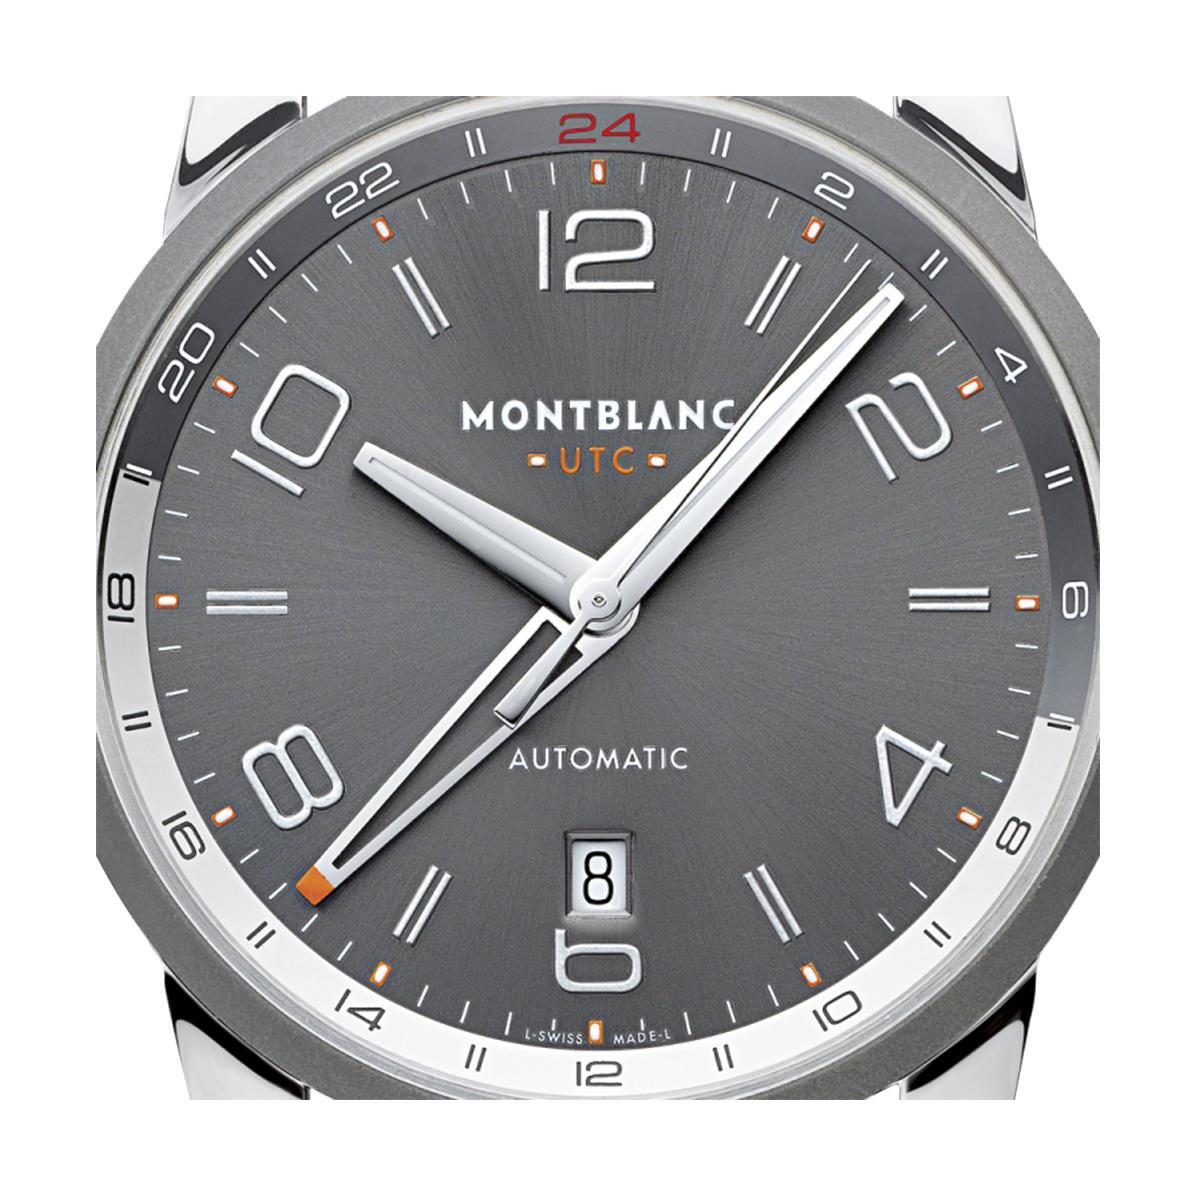 f11e4346e66 Relógio Montblanc TimeWalker Voyager UTC com Pulseira de Couro Preto